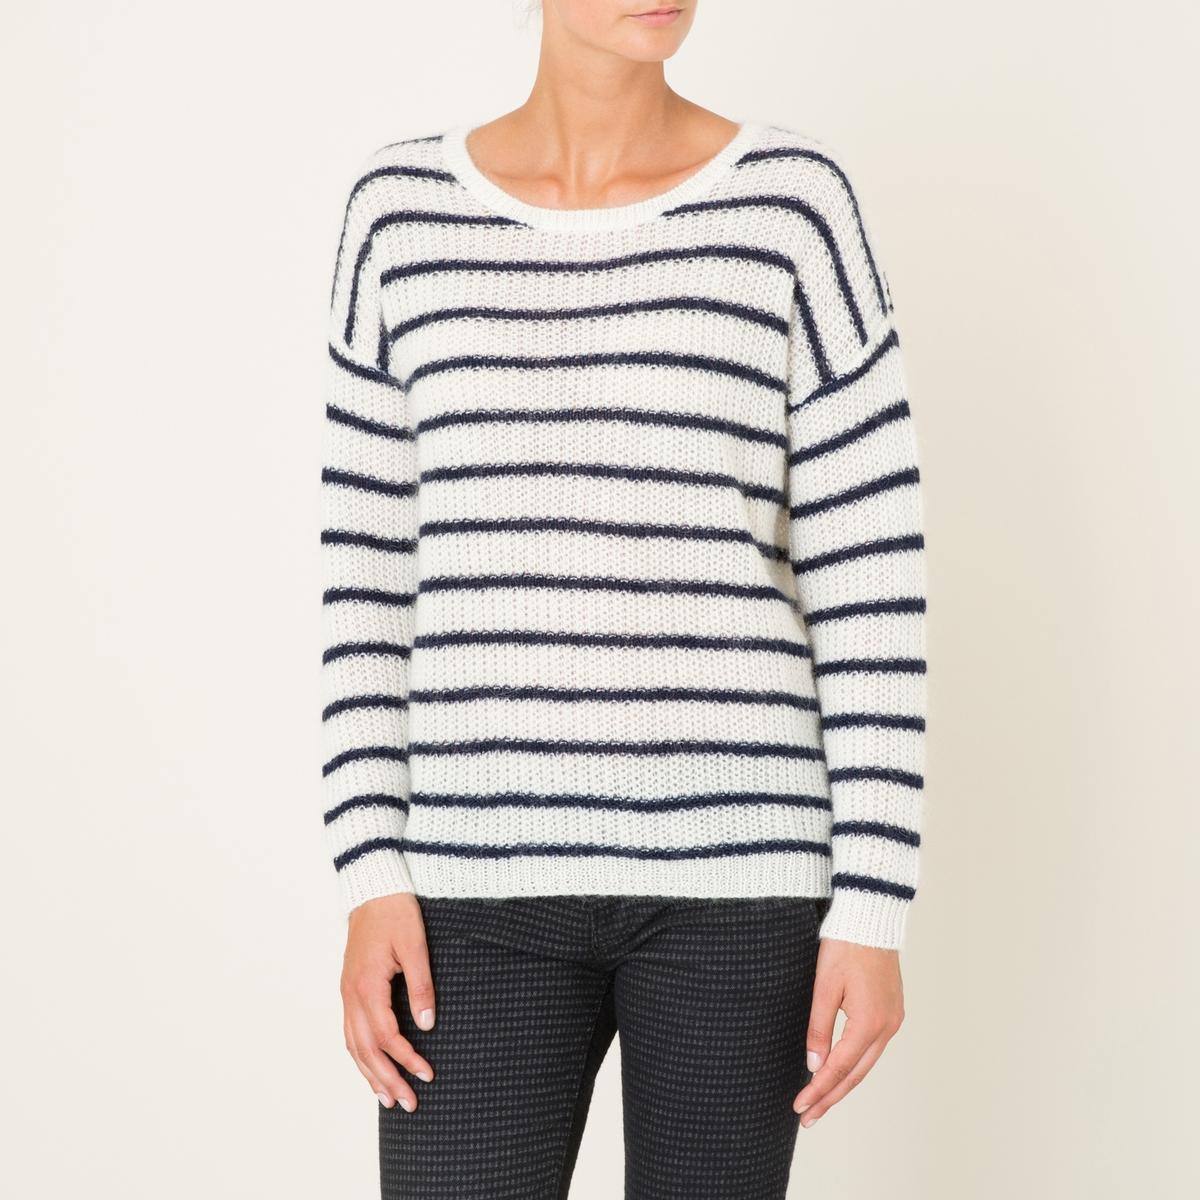 Пуловер THEBESПуловер HARRIS WILSON - модель THEBES. Трикотаж в полоску в морском стиле. Глубокий круглый вырез. Длинные рукава. Края рукавов и низа связаны в рубчик.Состав и описание Материал : 40% полиамида, 30% шерсти ангора бэби, 30% шерстиМарка : HARRIS WILSON<br><br>Цвет: экрю/ темно-синий<br>Размер: размерXL